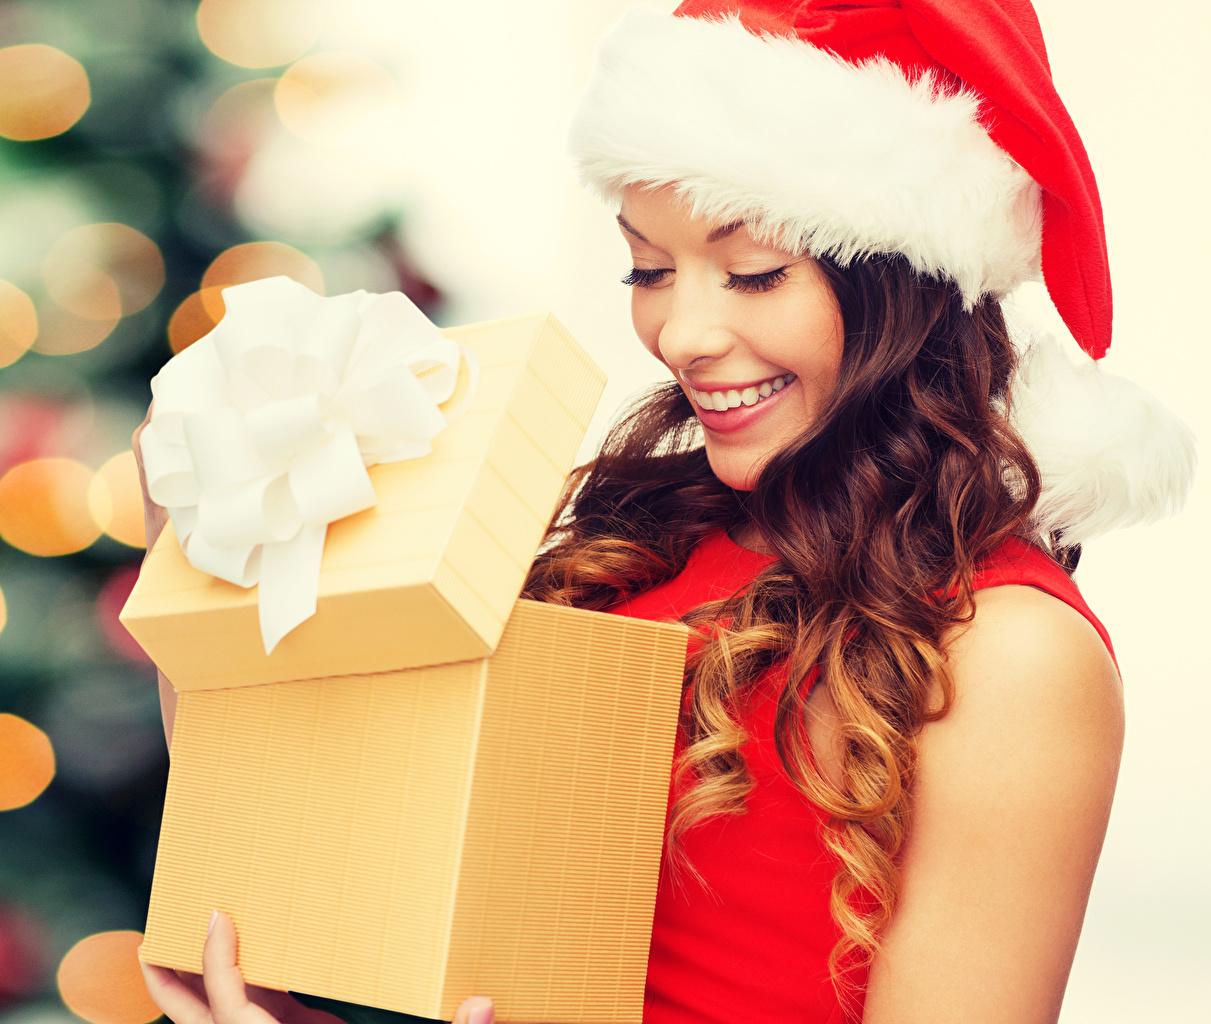 Картинка Шатенка Новый год Улыбка шапка молодые женщины подарков шатенки Рождество улыбается Шапки в шапке Девушки девушка молодая женщина Подарки подарок